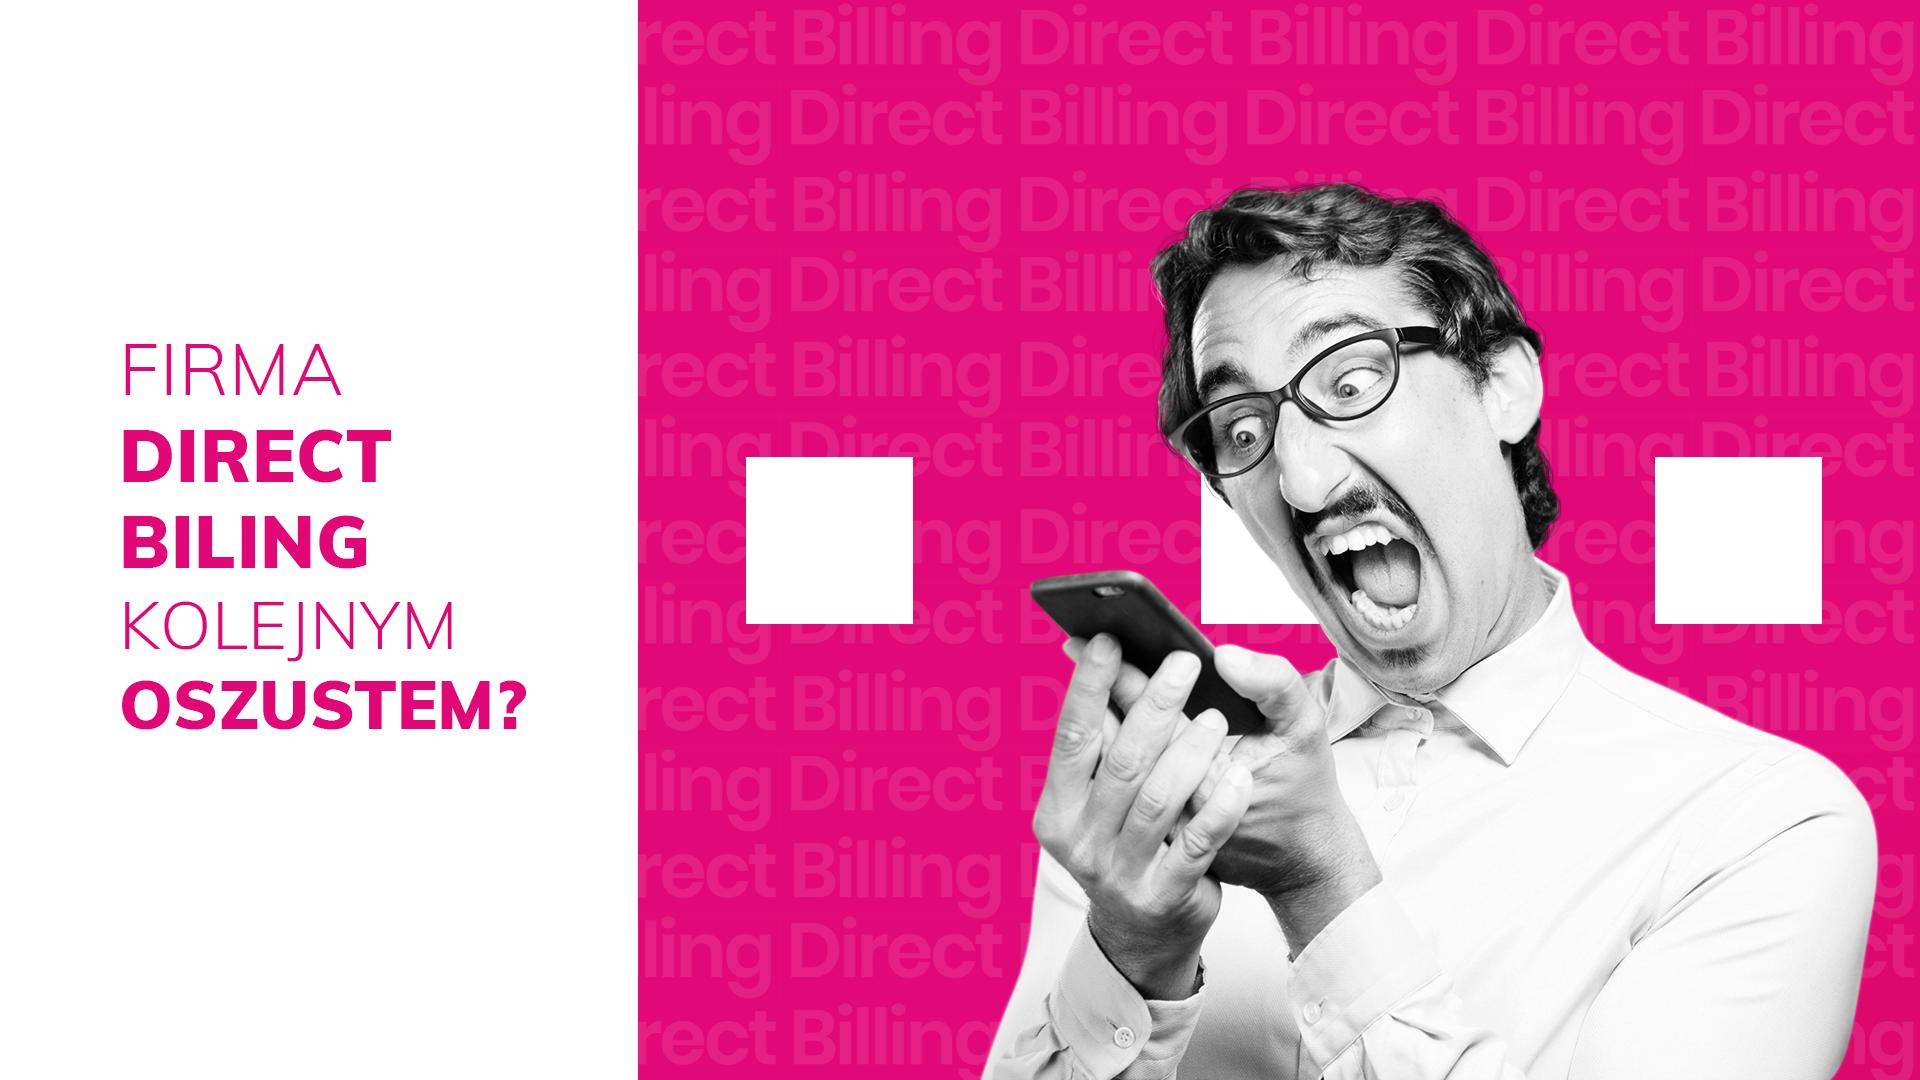 Dowiedz się czemu firma Direct Billing Cię obciąża